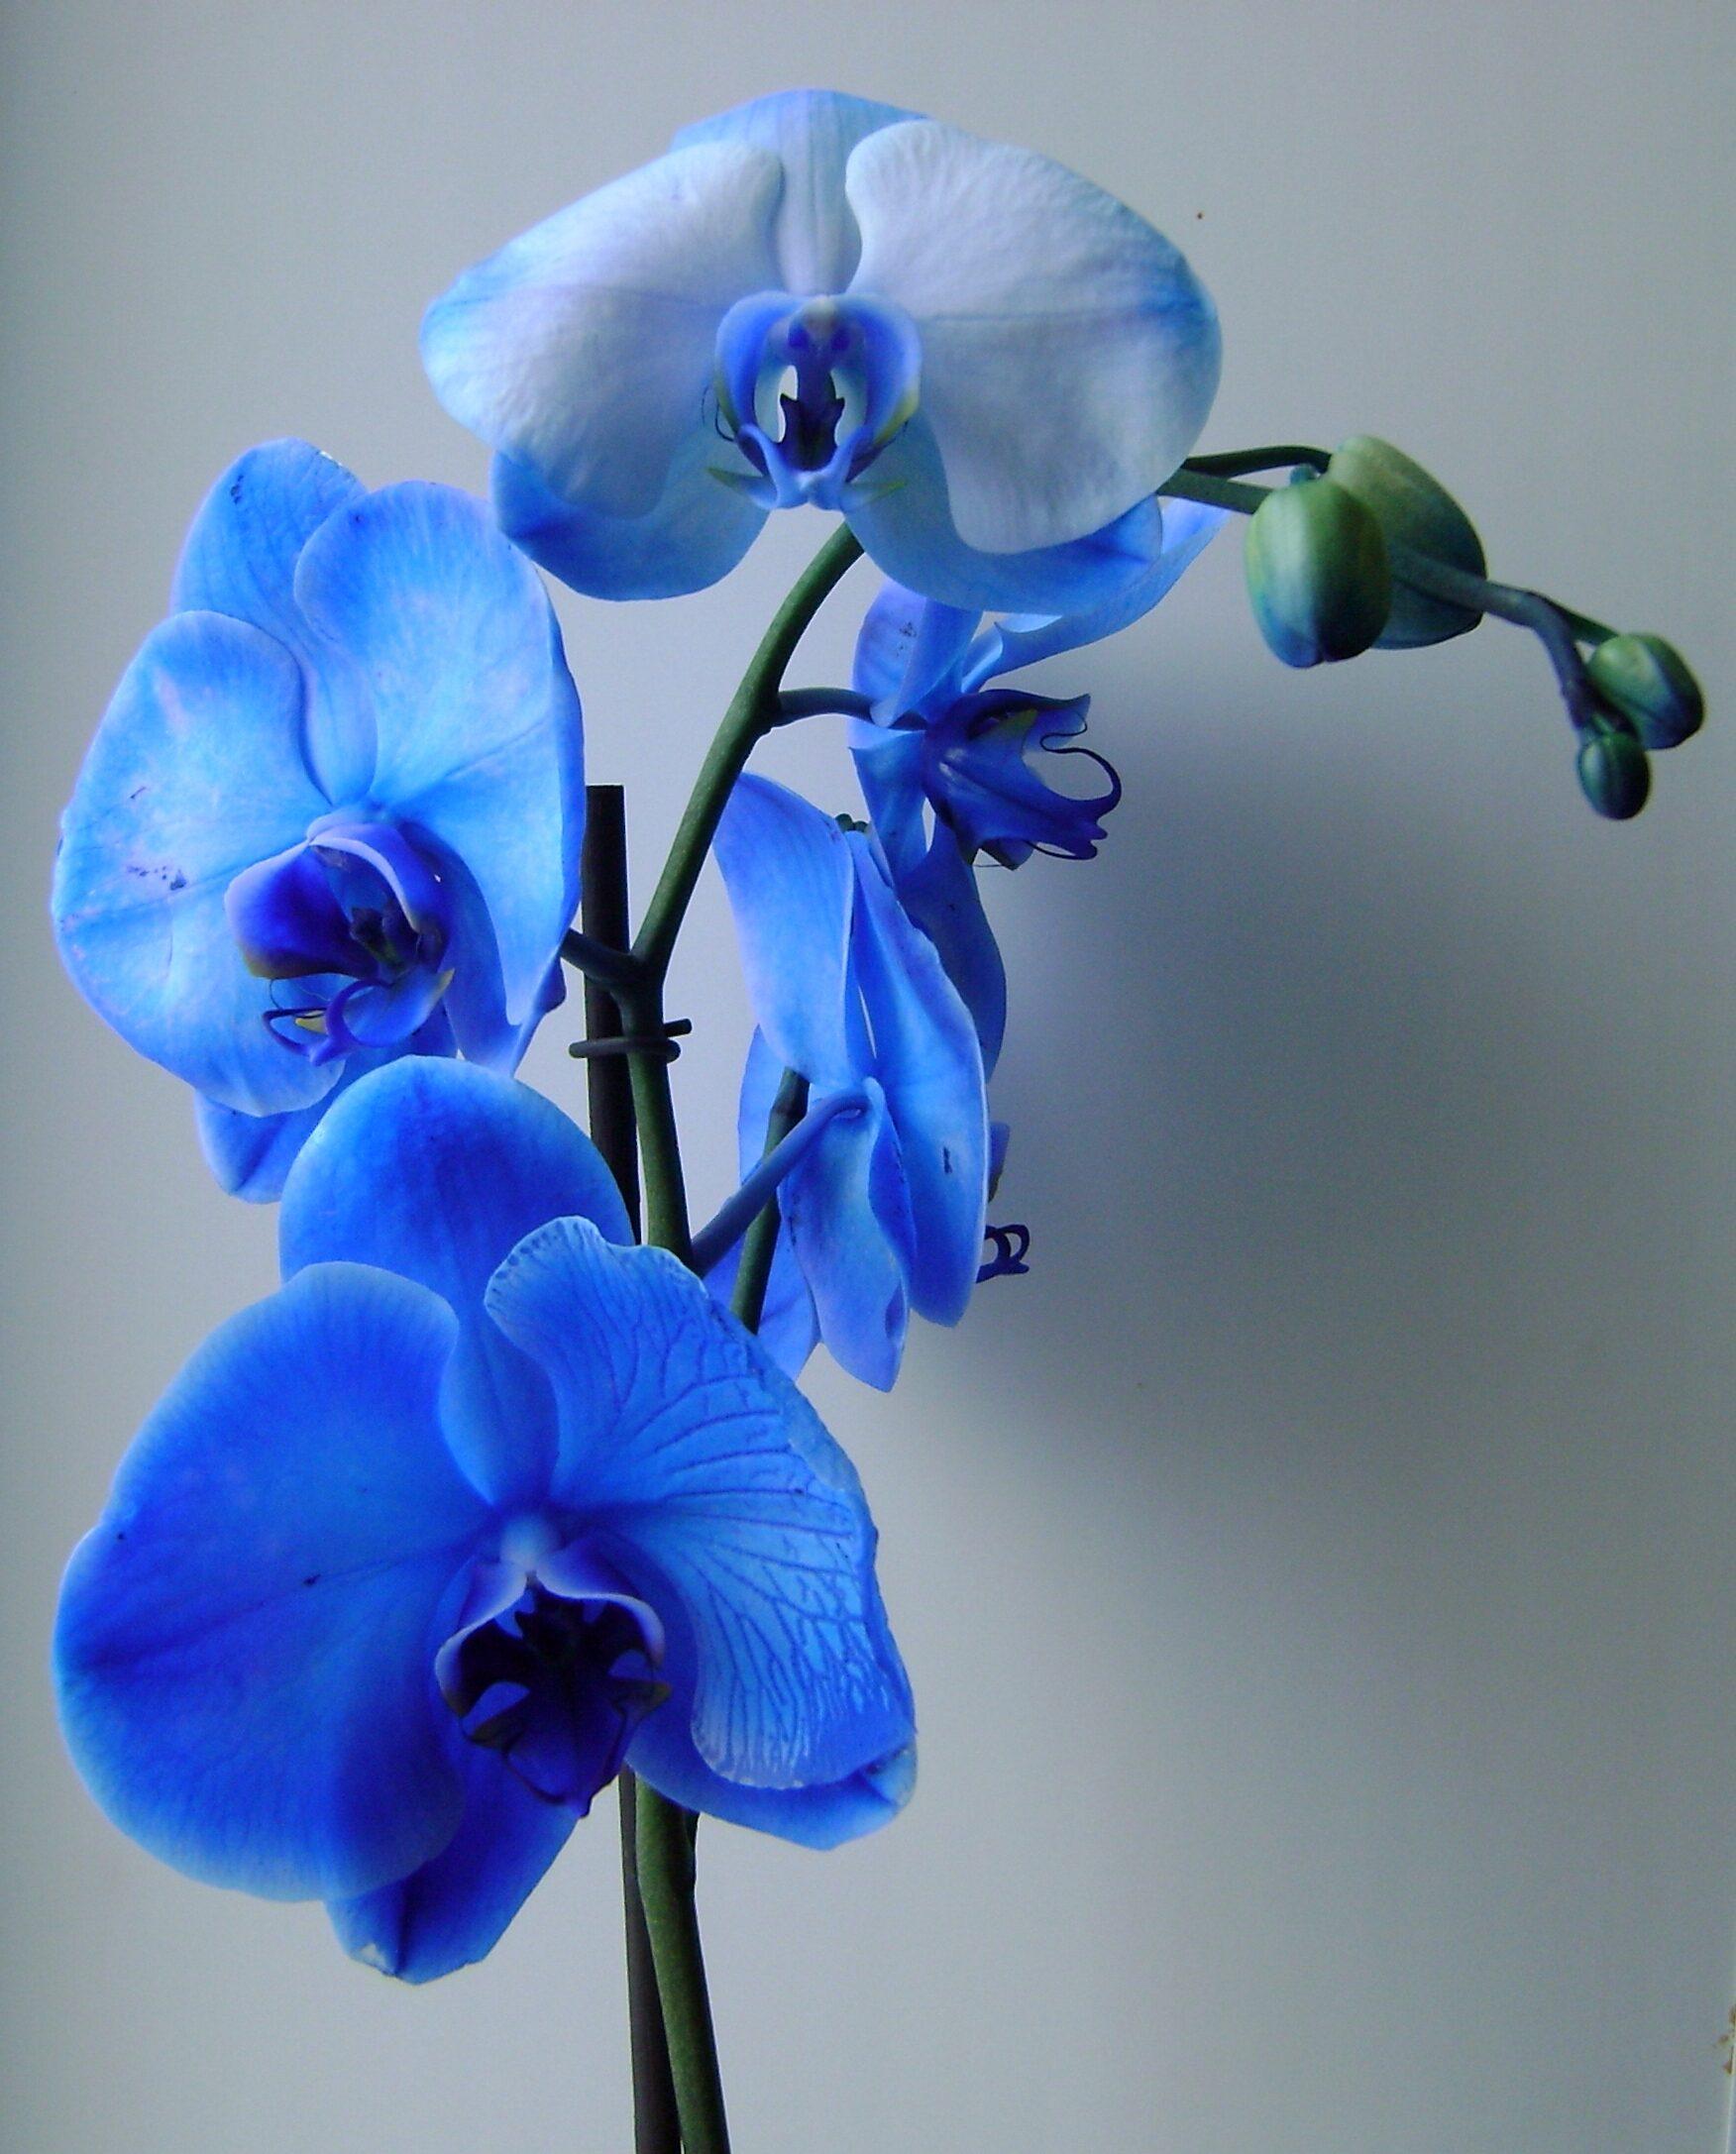 Orkideler güneşi sever mi?